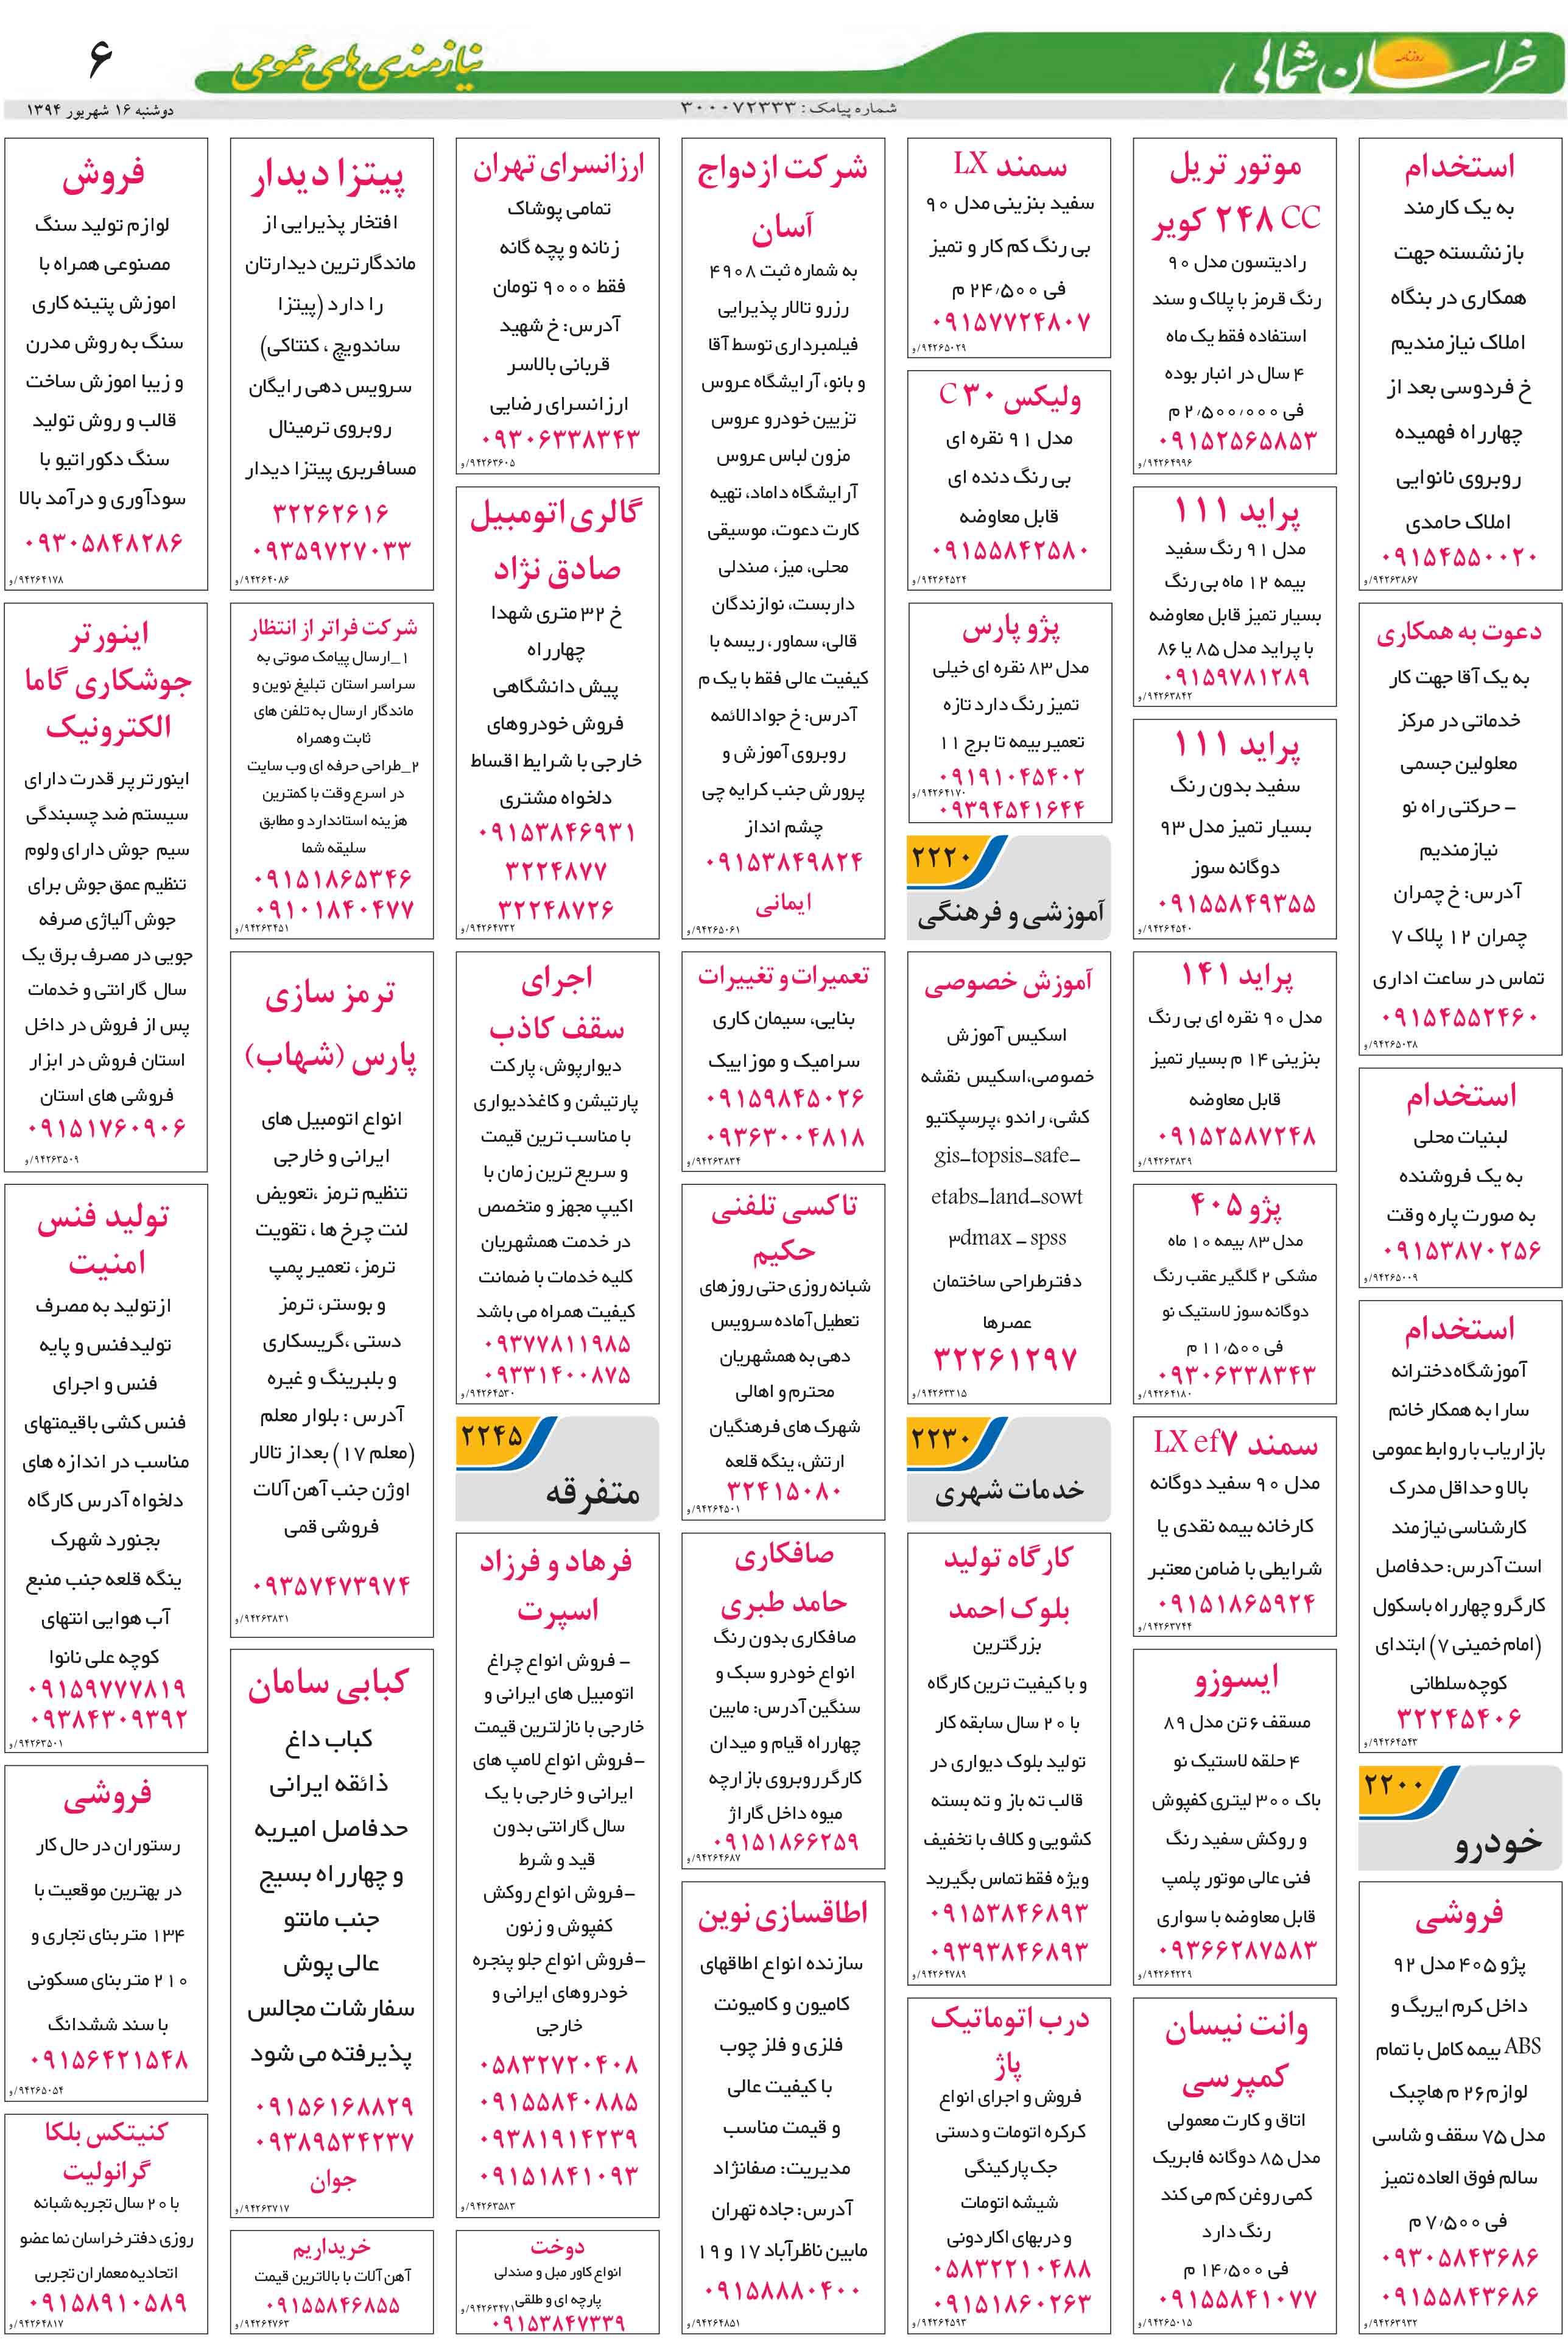 کانال تلگرام استخدام خراسان شمالی